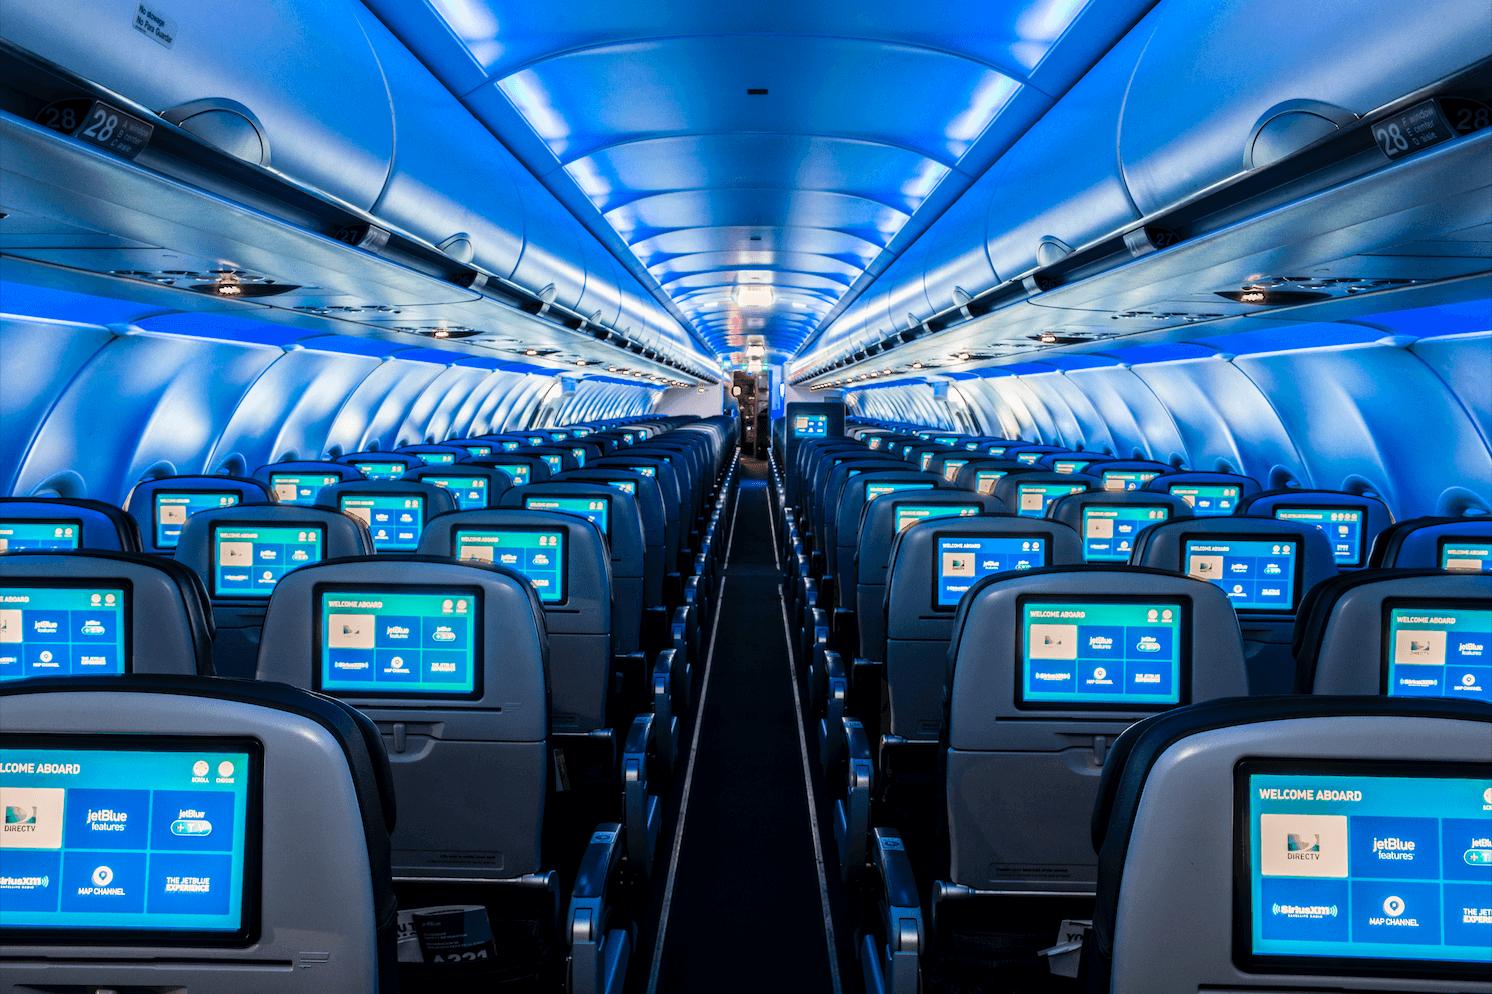 A321 Classic interiors